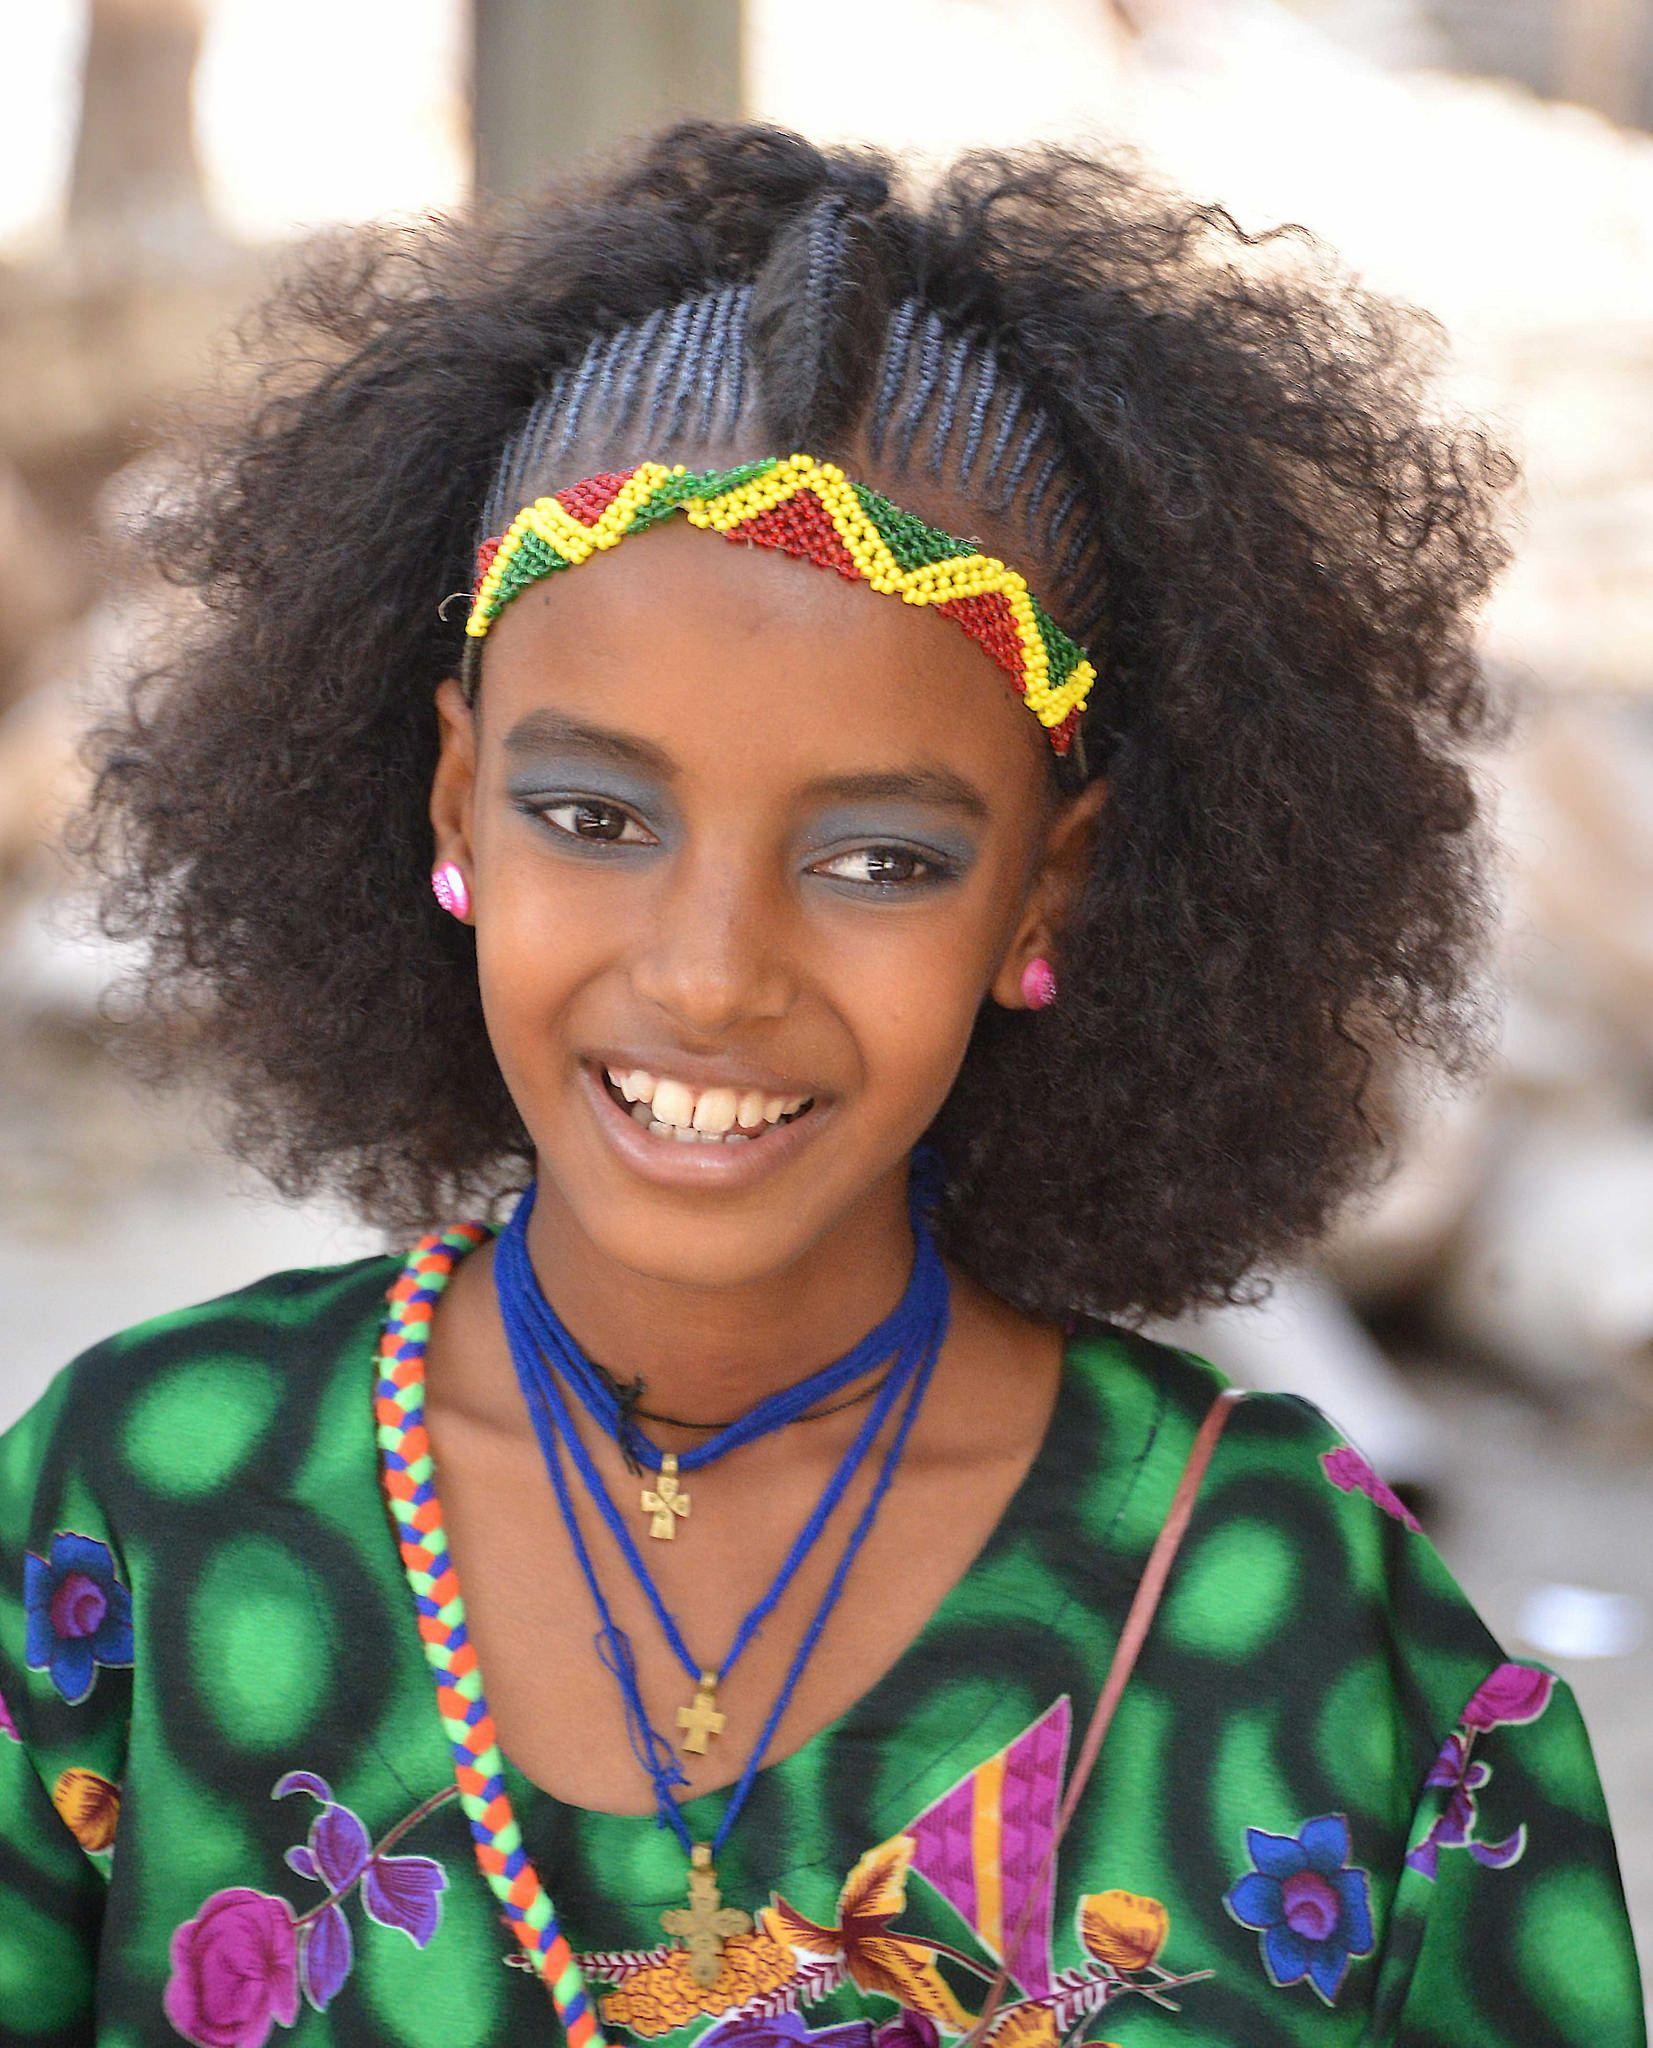 girl in mekele ethiopia hairstyles braids